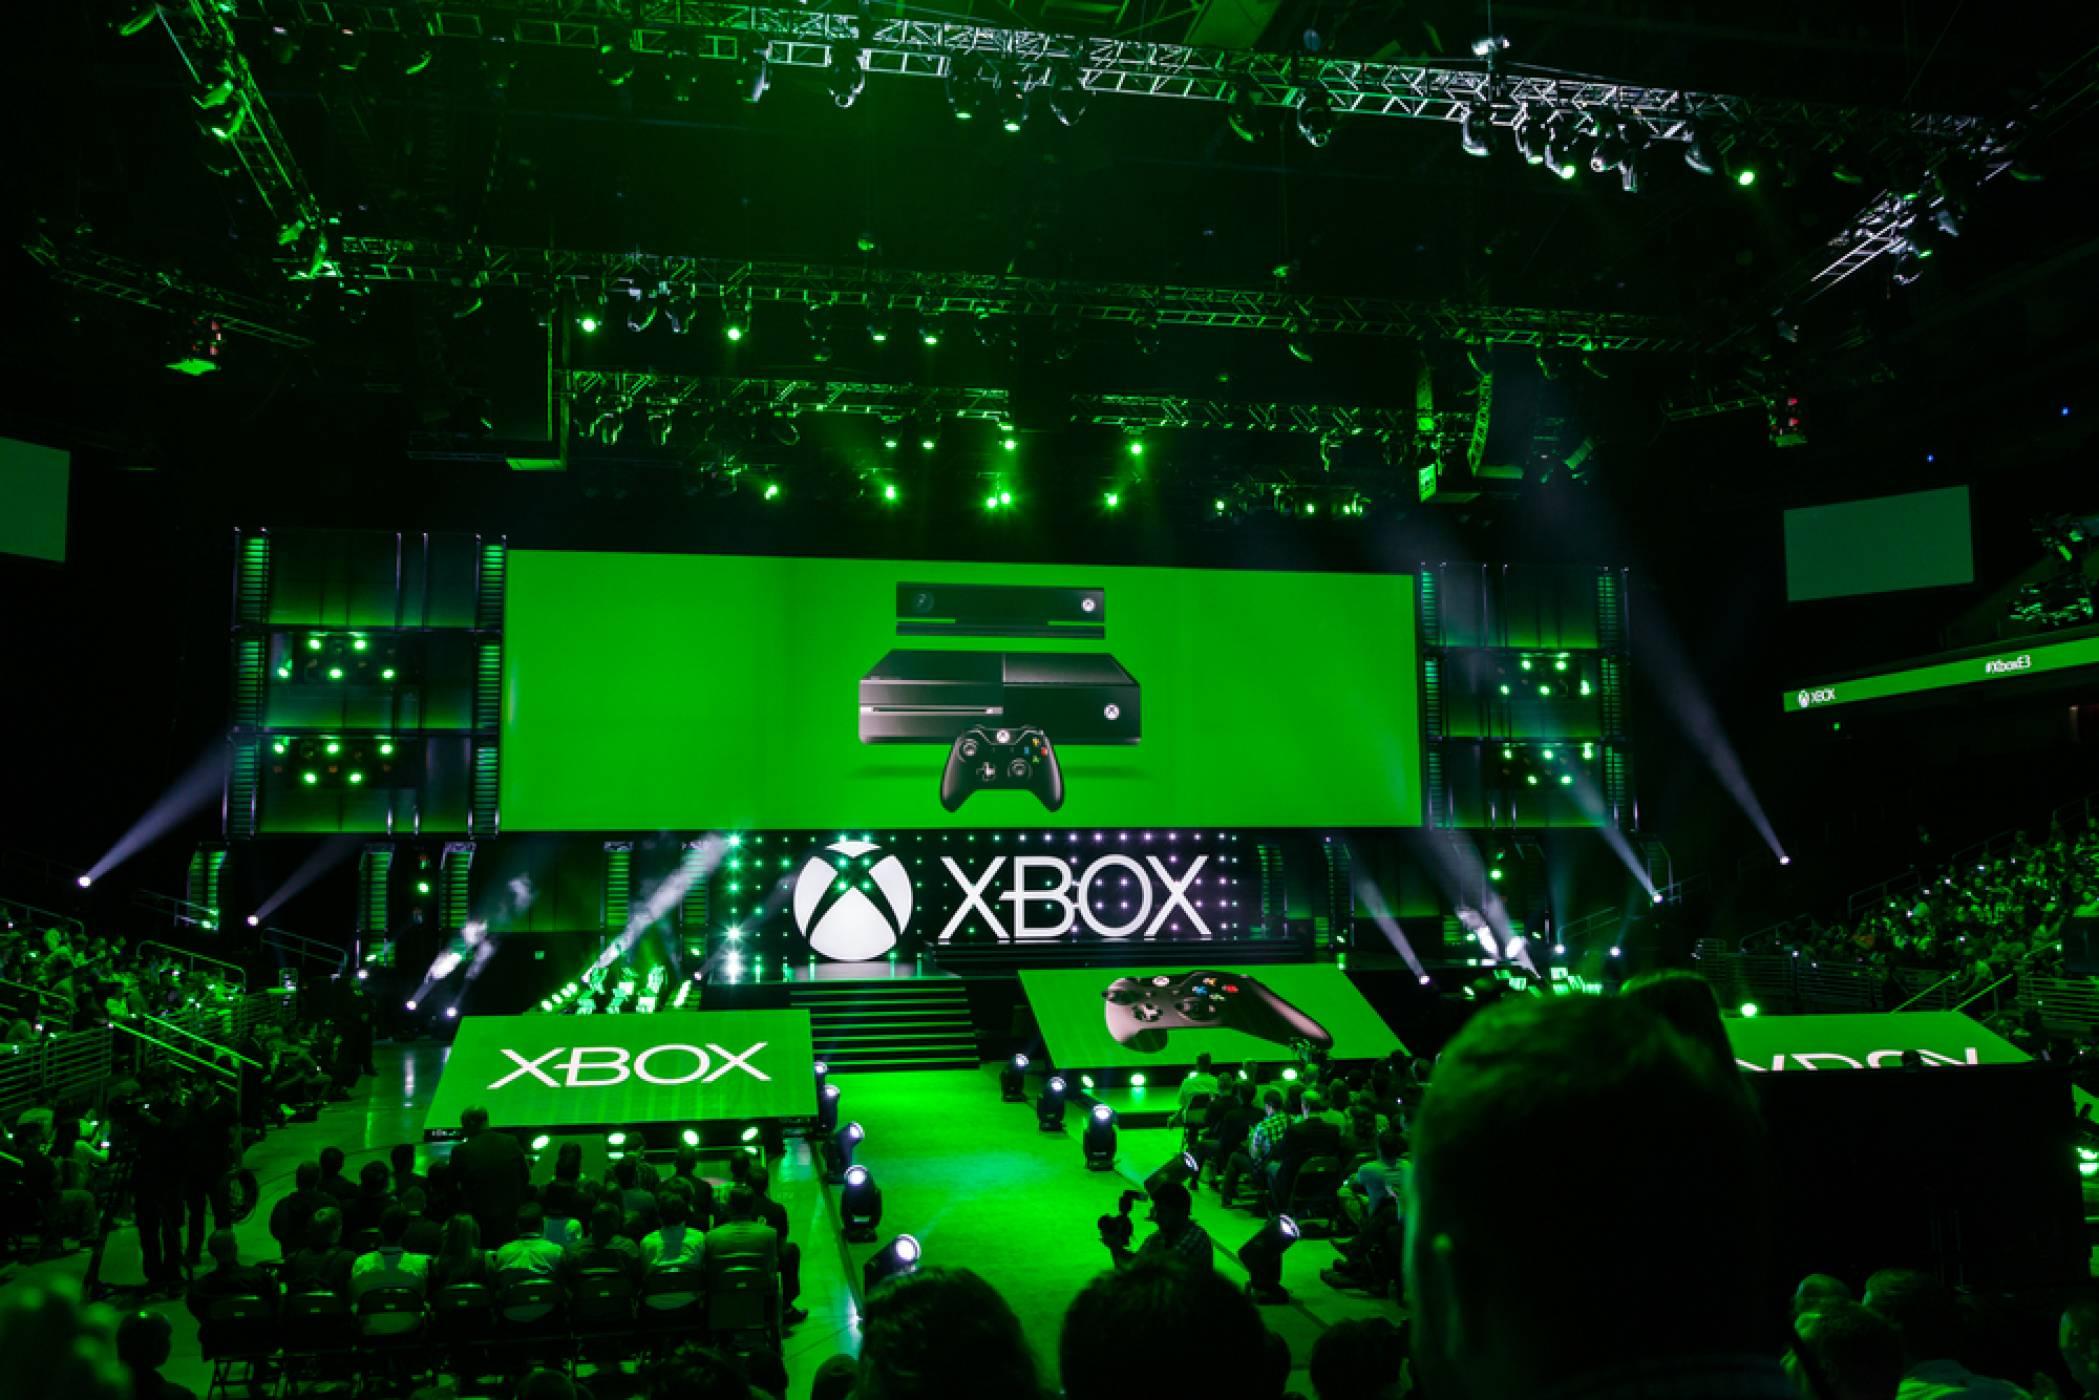 Една грандиозна покупка може да изстреля Xbox на върха